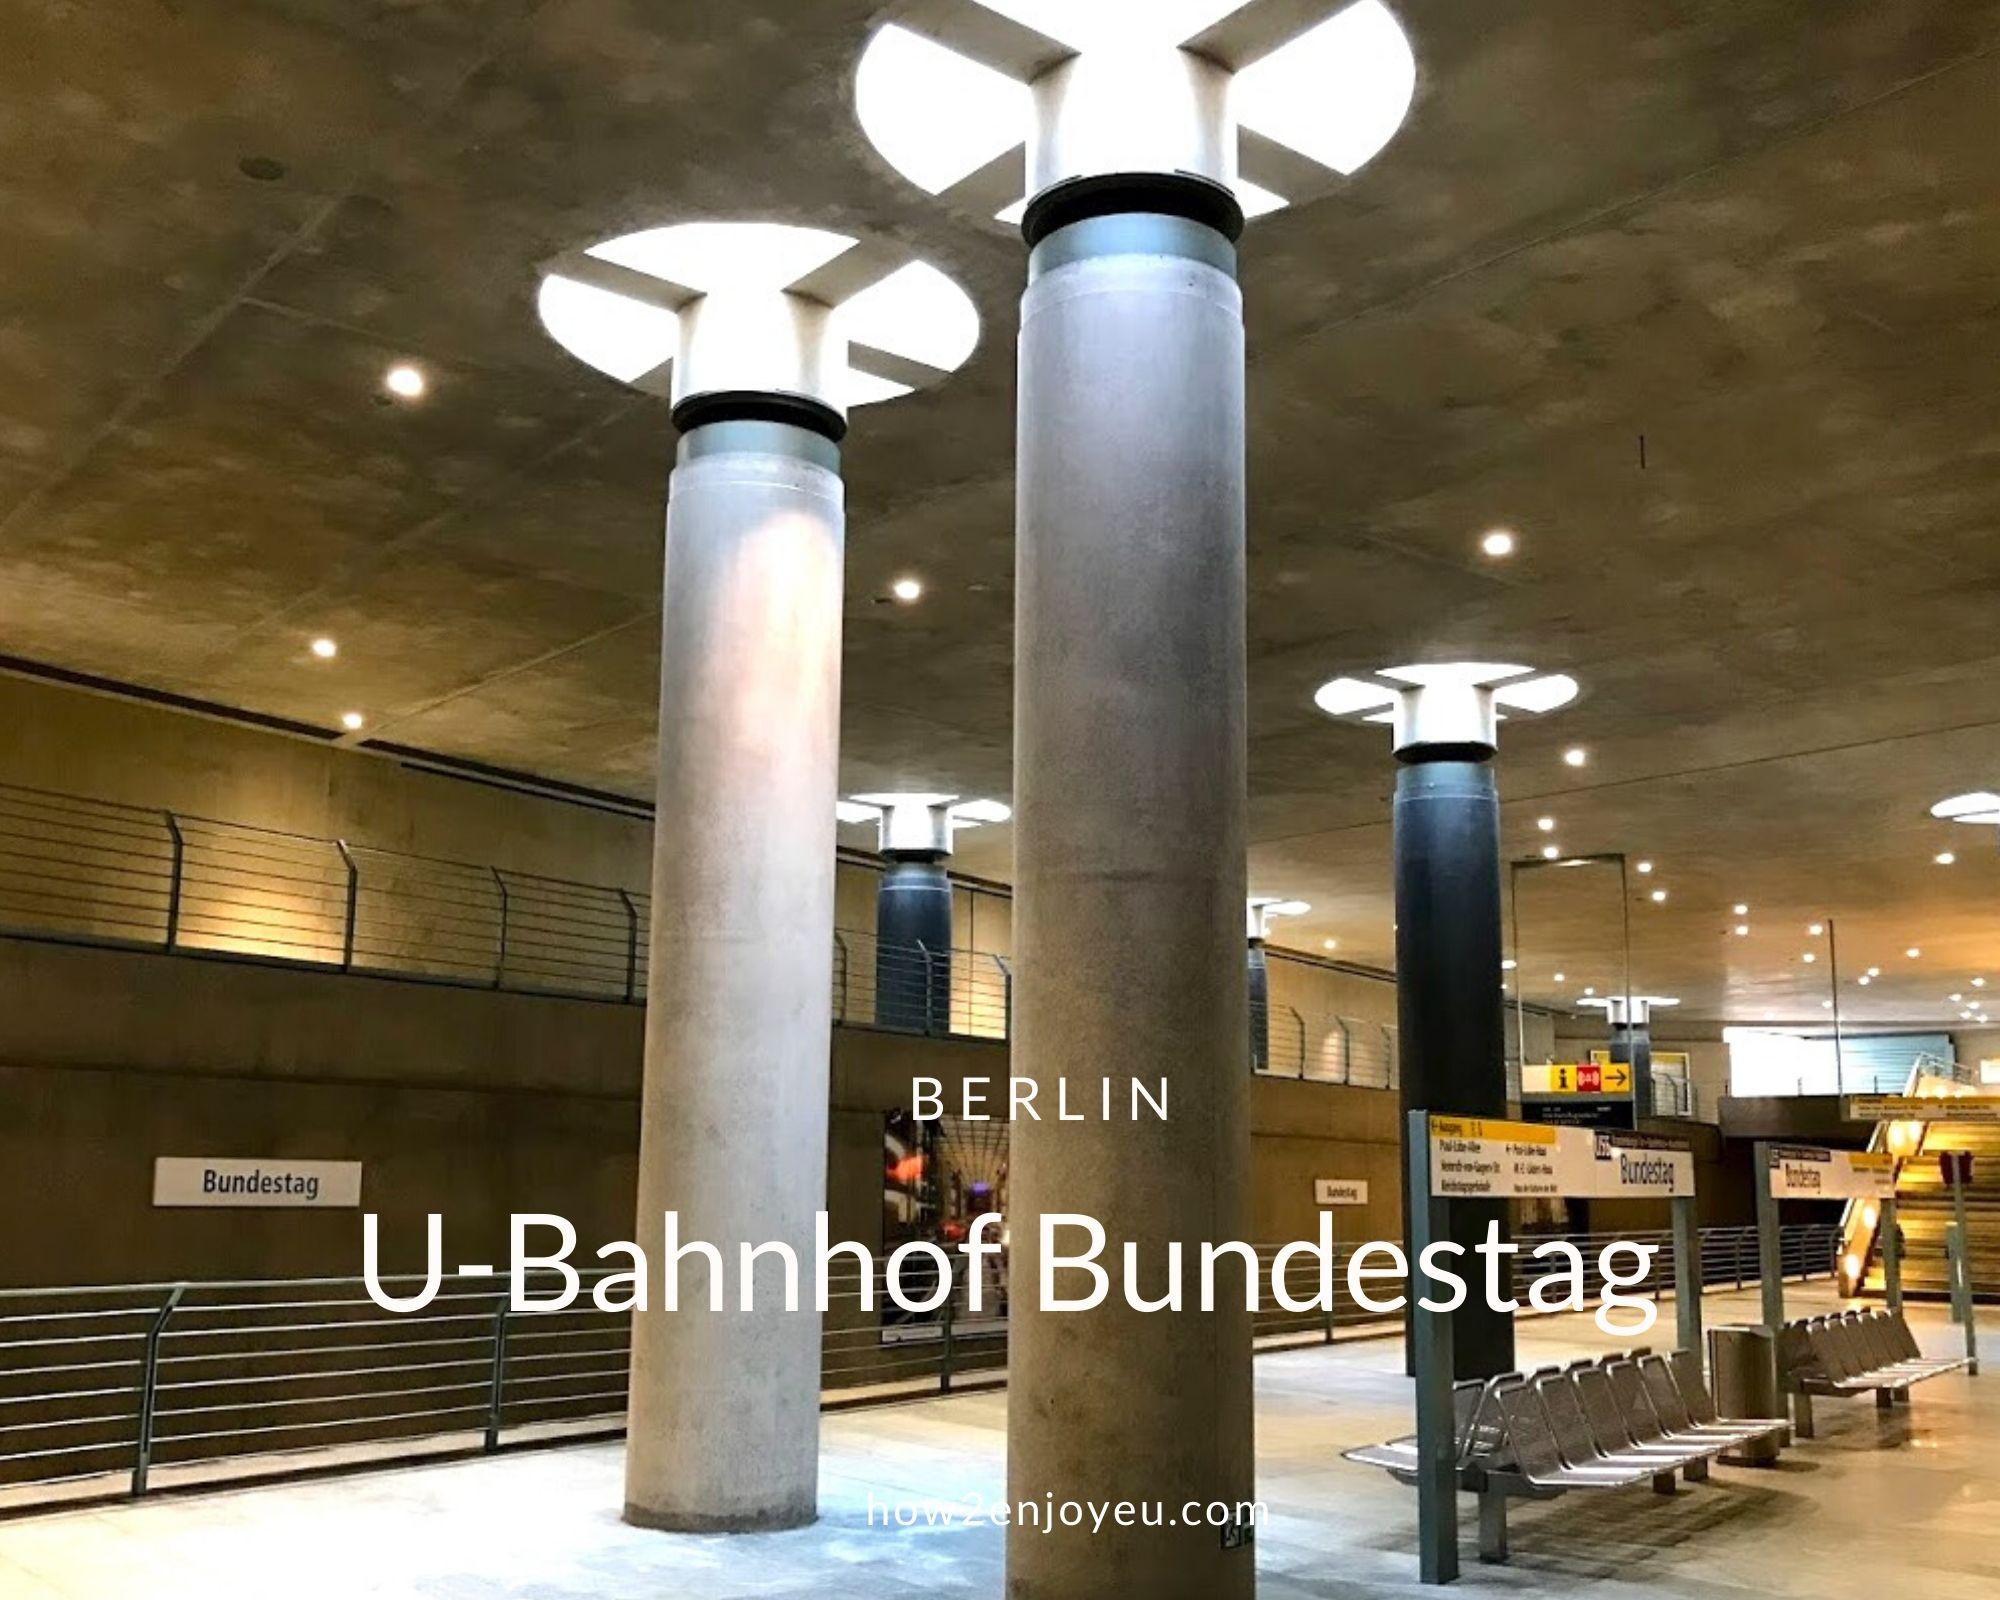 ベルリンで一番高い地下鉄、2020年新駅開業&乗り入れ(予定)の前にこの駅を見ておくべし